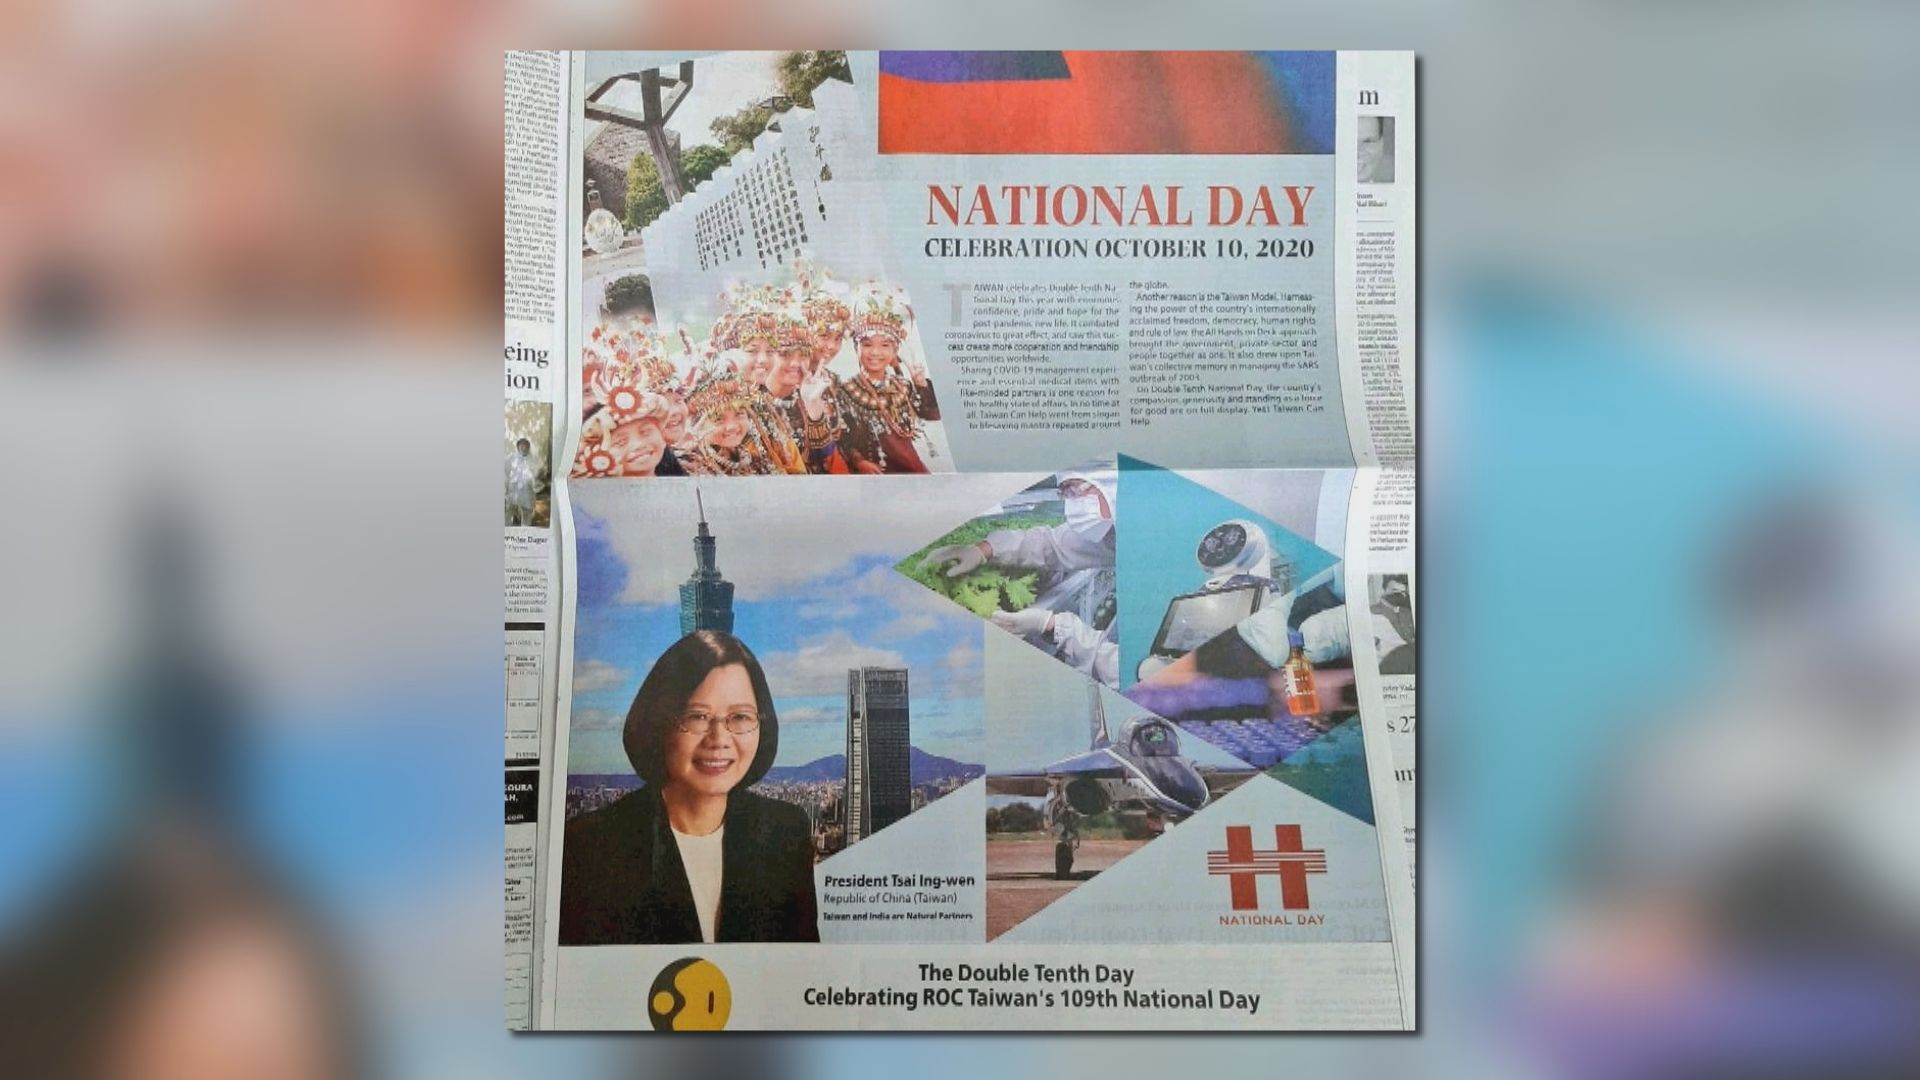 印度報章登台灣雙十節廣告 大陸促印度傳媒守一中原則